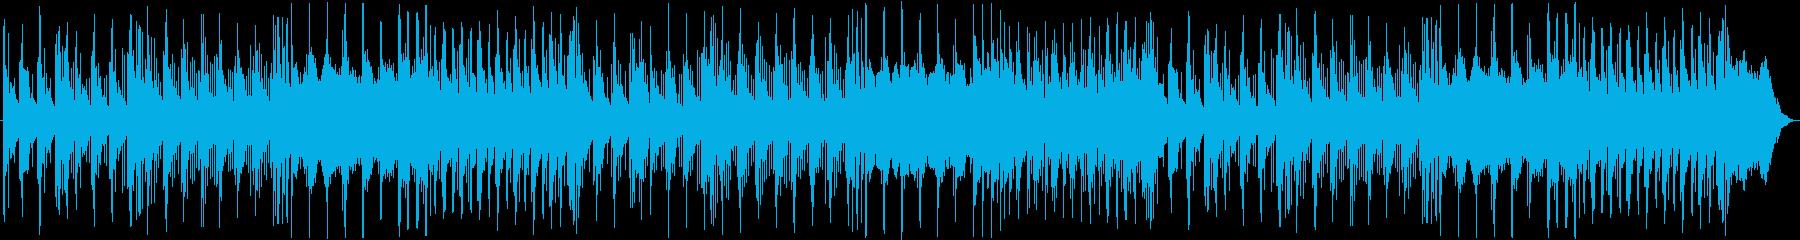 ハートビートバスドラムとローシンセ...の再生済みの波形